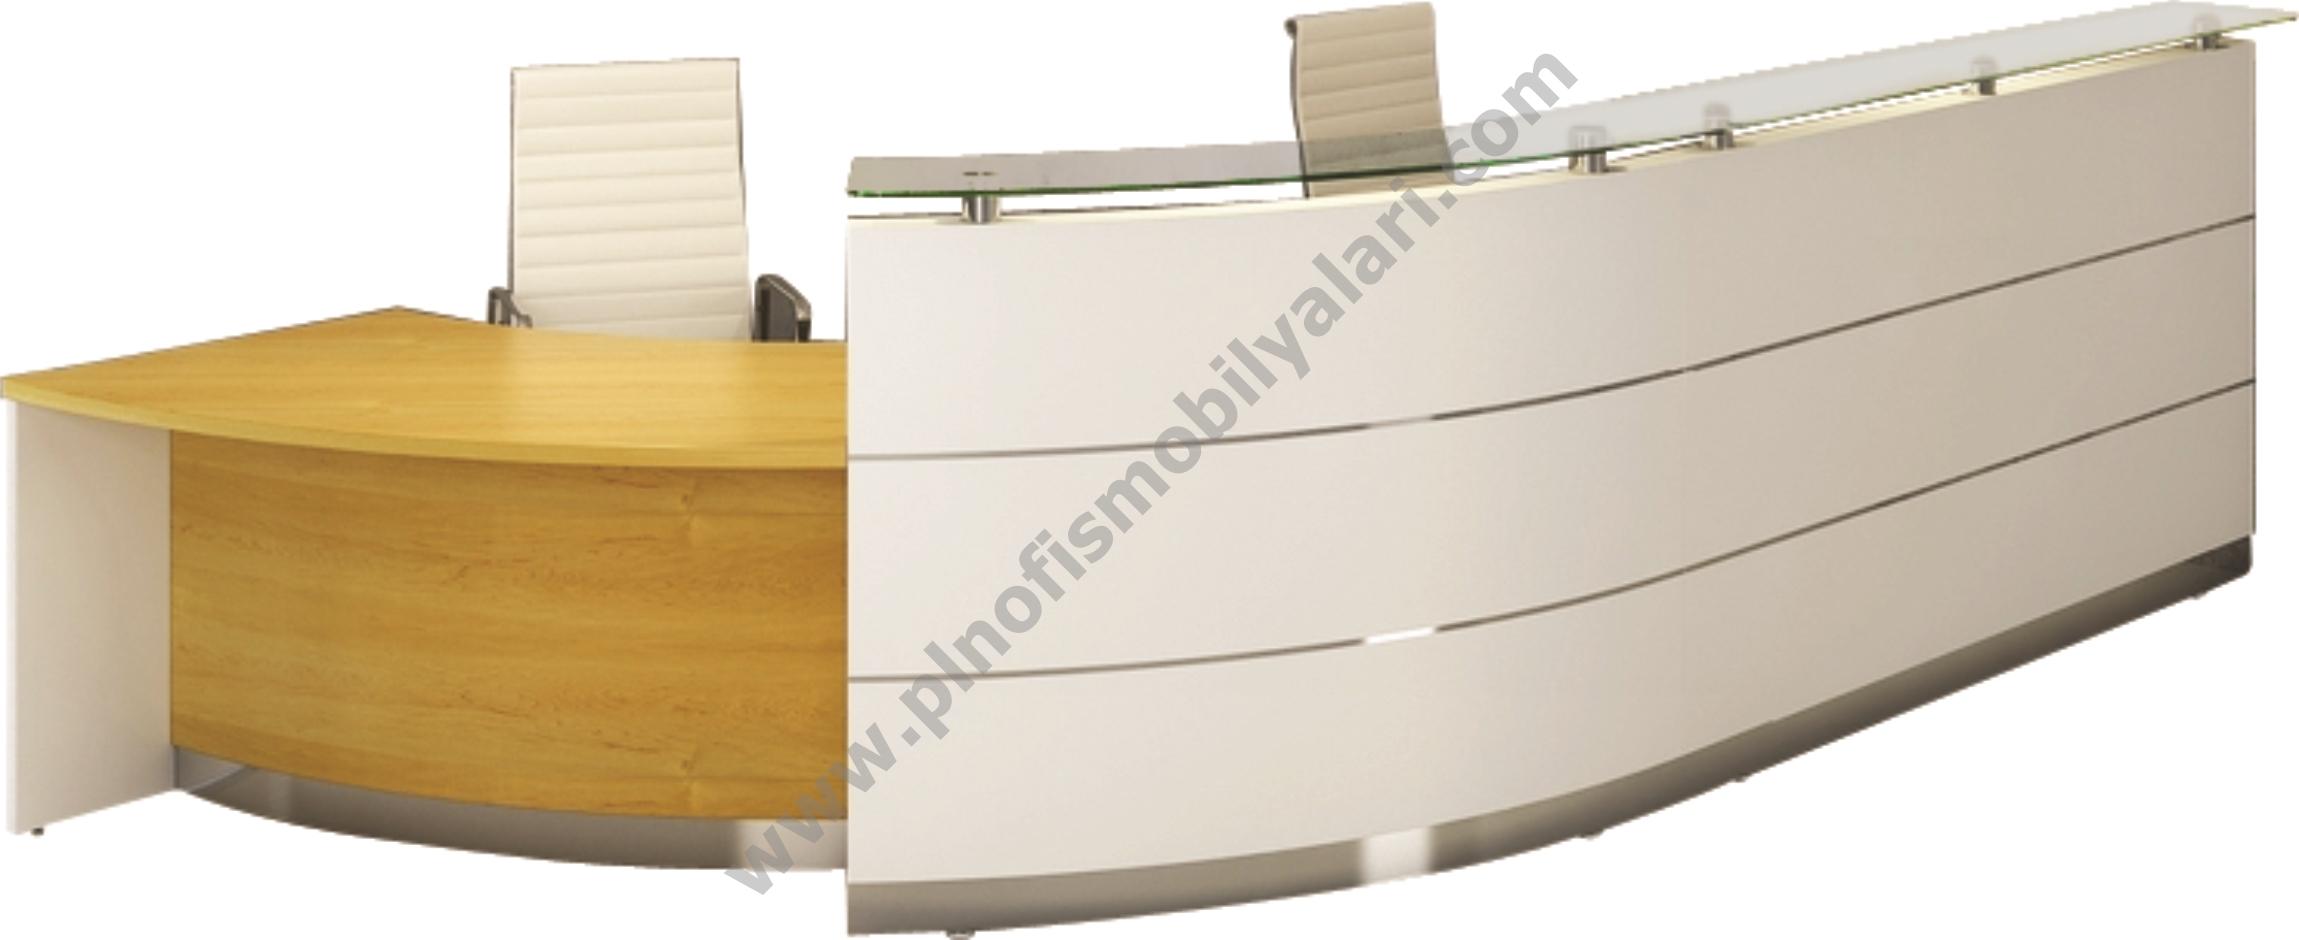 Agron Banko - PLN-7301